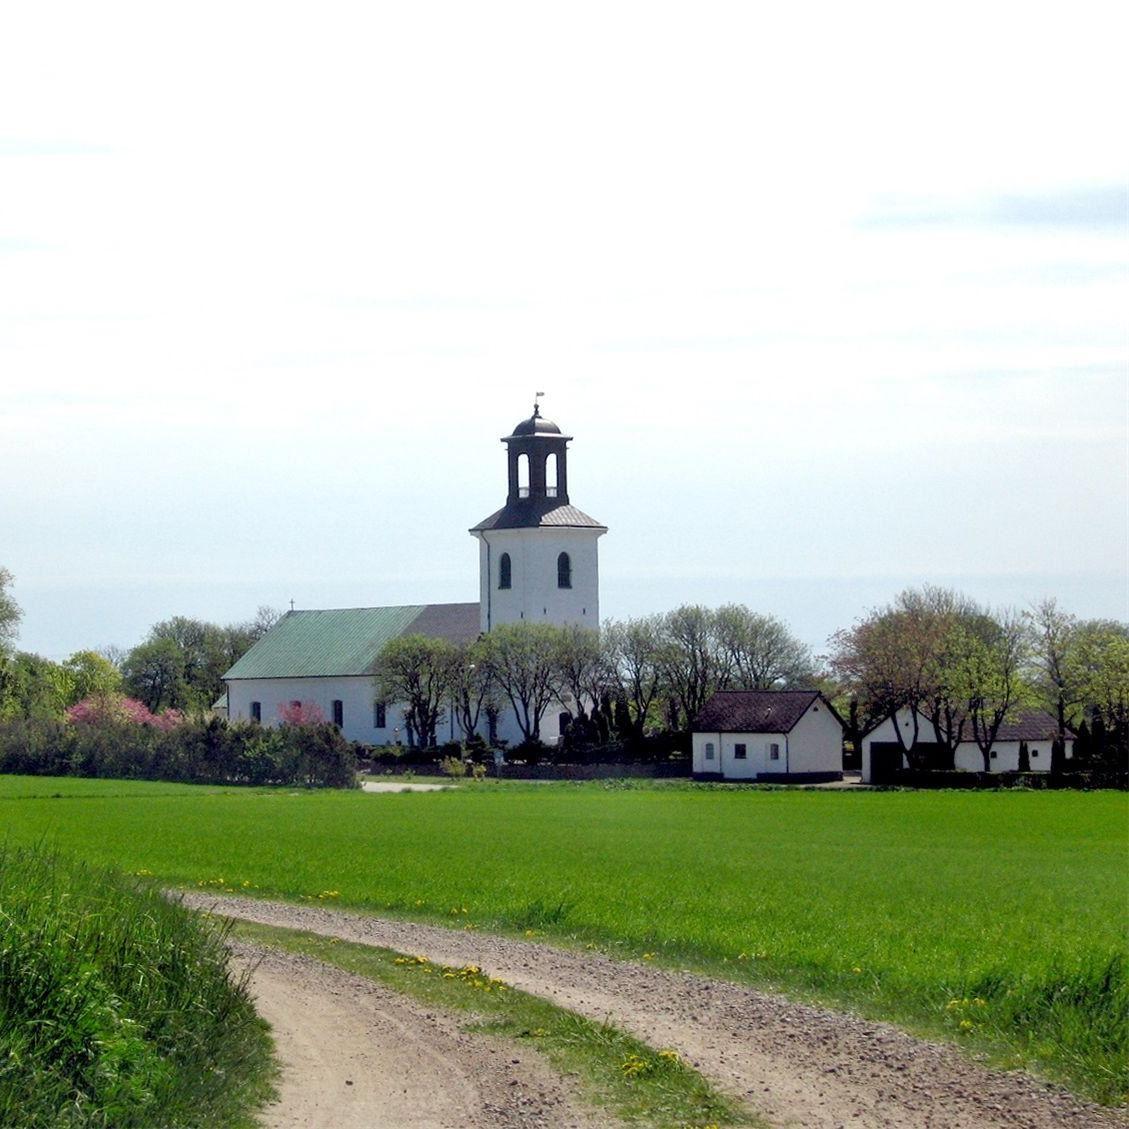 © Kävlinge kommun, Västra Karaby church